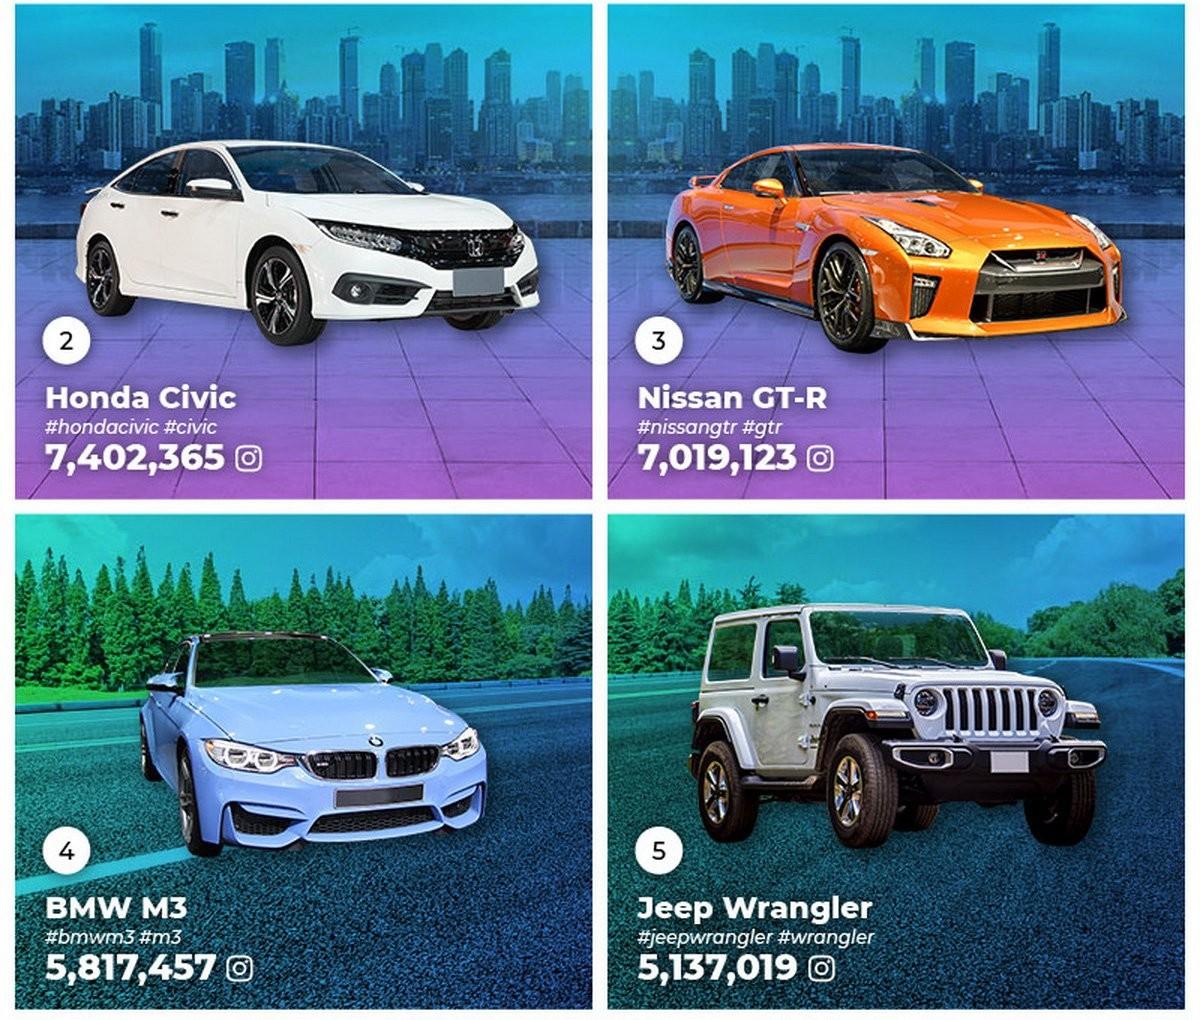 4 vị trí sau đó lần lượt thuộc về Honda Civic, Nissan GT-R, BMW M3 và Jeep Wrangler